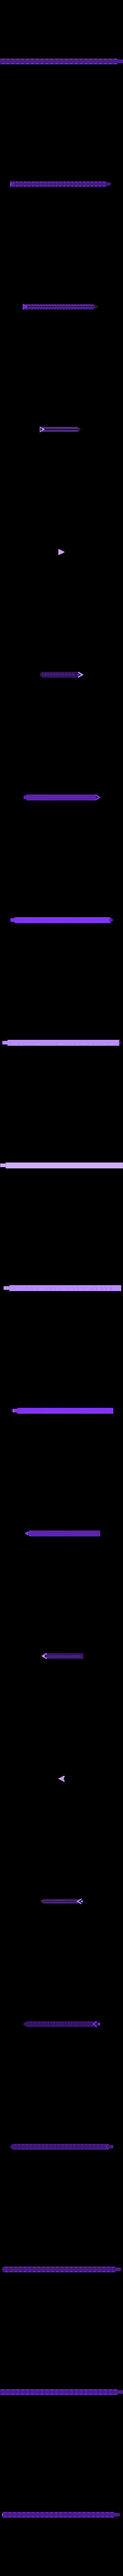 boom_01.stl Télécharger fichier STL gratuit Voyageur • Modèle imprimable en 3D, spac3D